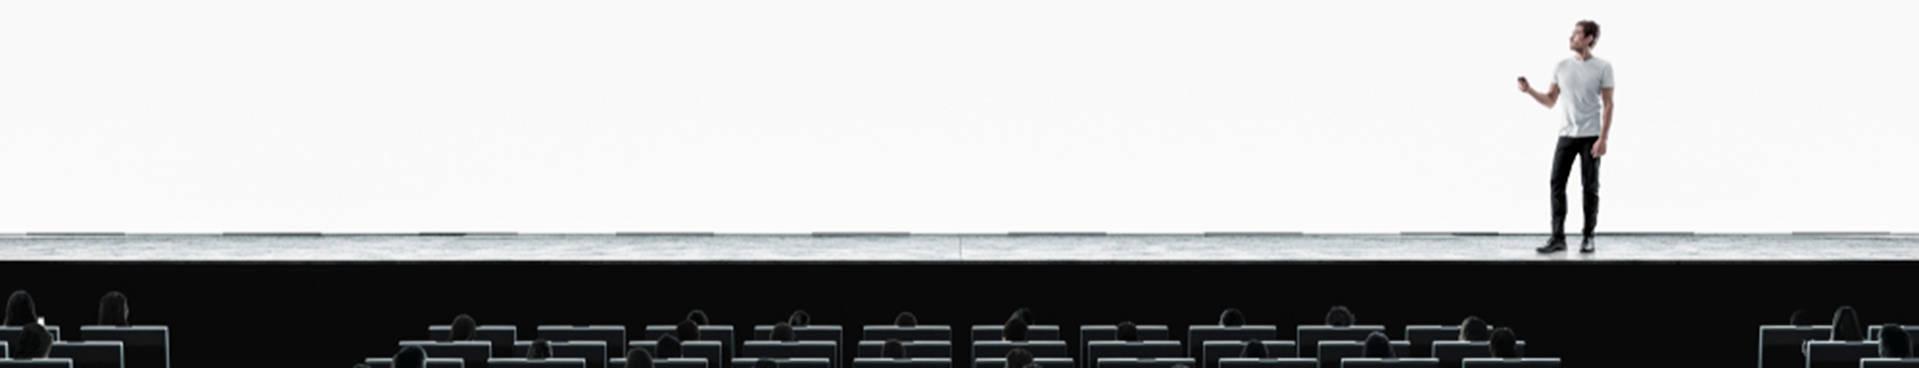 Oratorio; un hombre sobre el escenario gesticulando